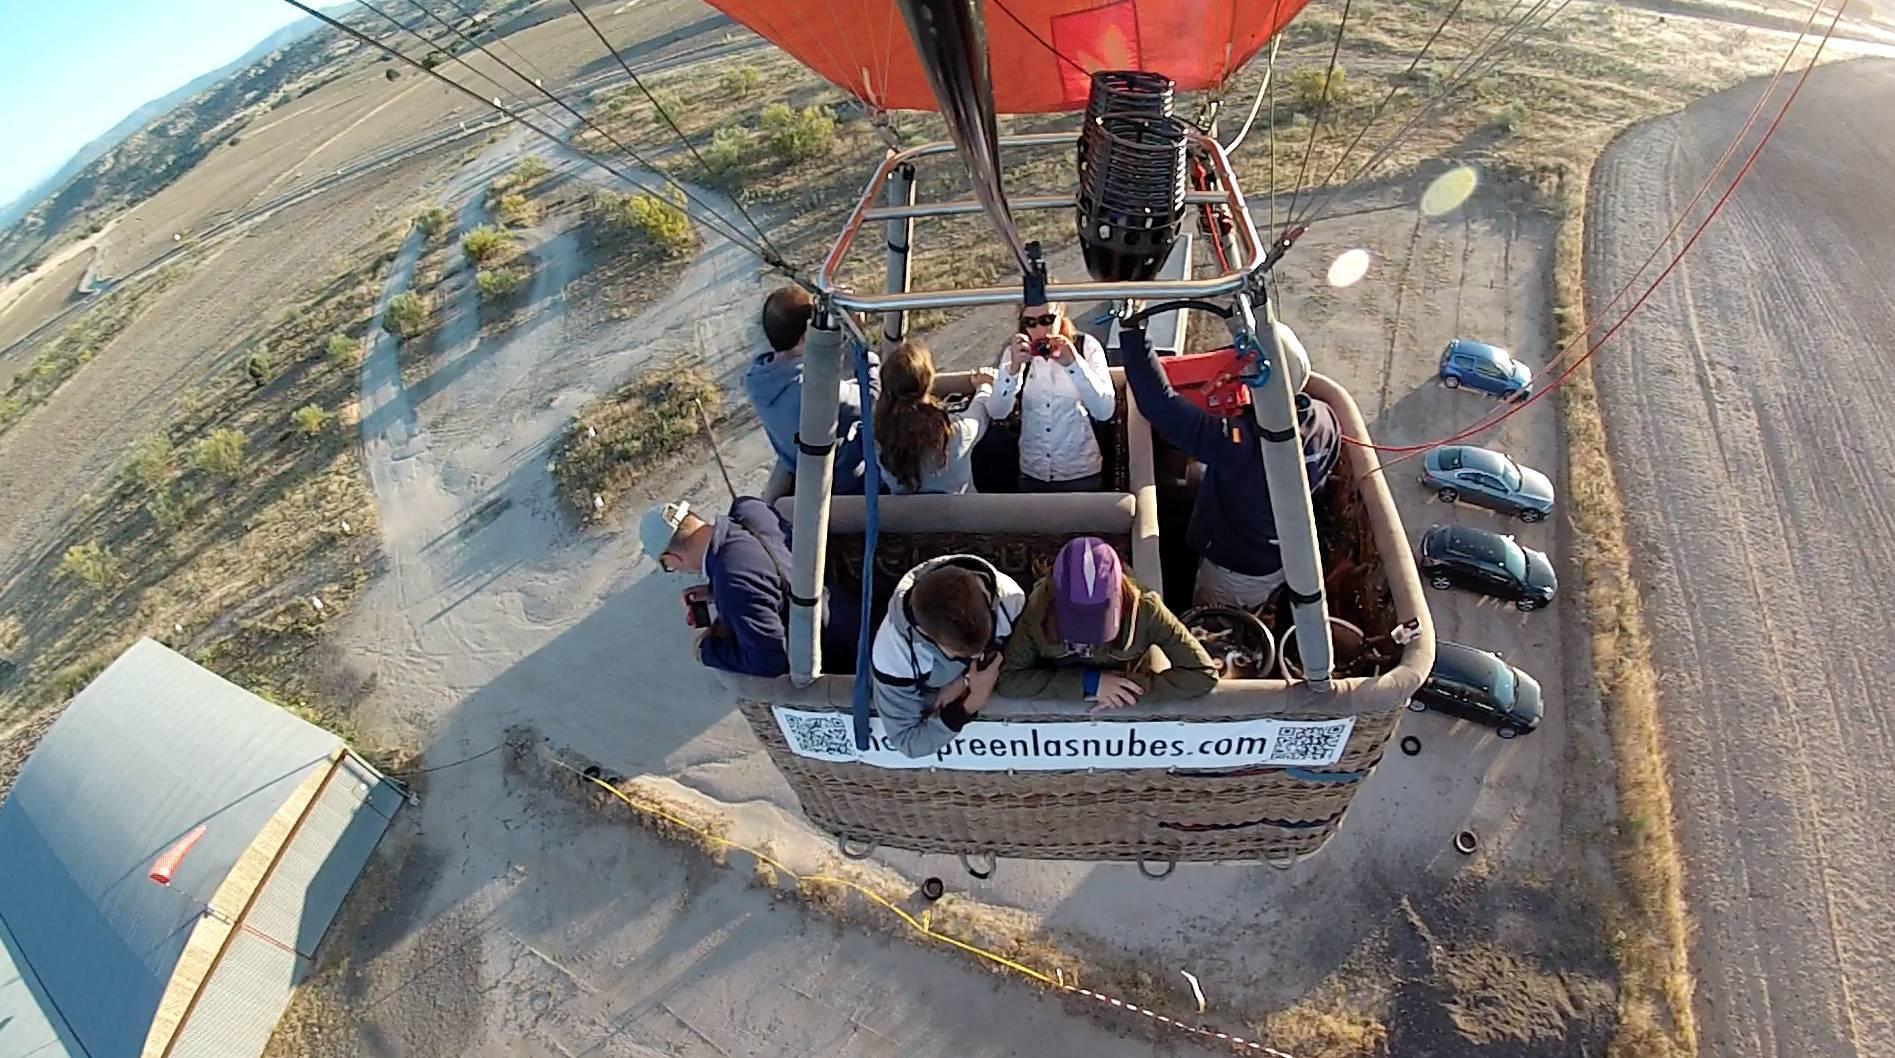 Dependiendo del globo tiene 2 o más compartimentos pero los pasajeros siempre disponen de su espacio asignado.